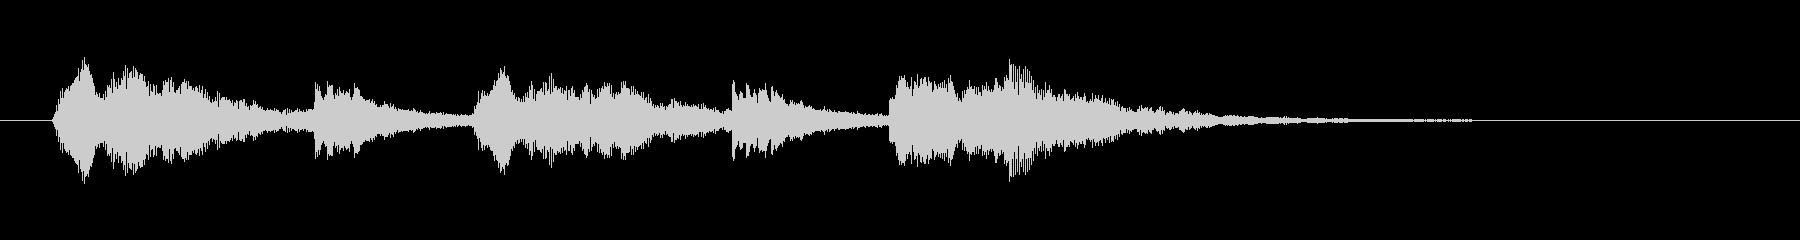 コーラスと鉄琴のアンサンブルの未再生の波形